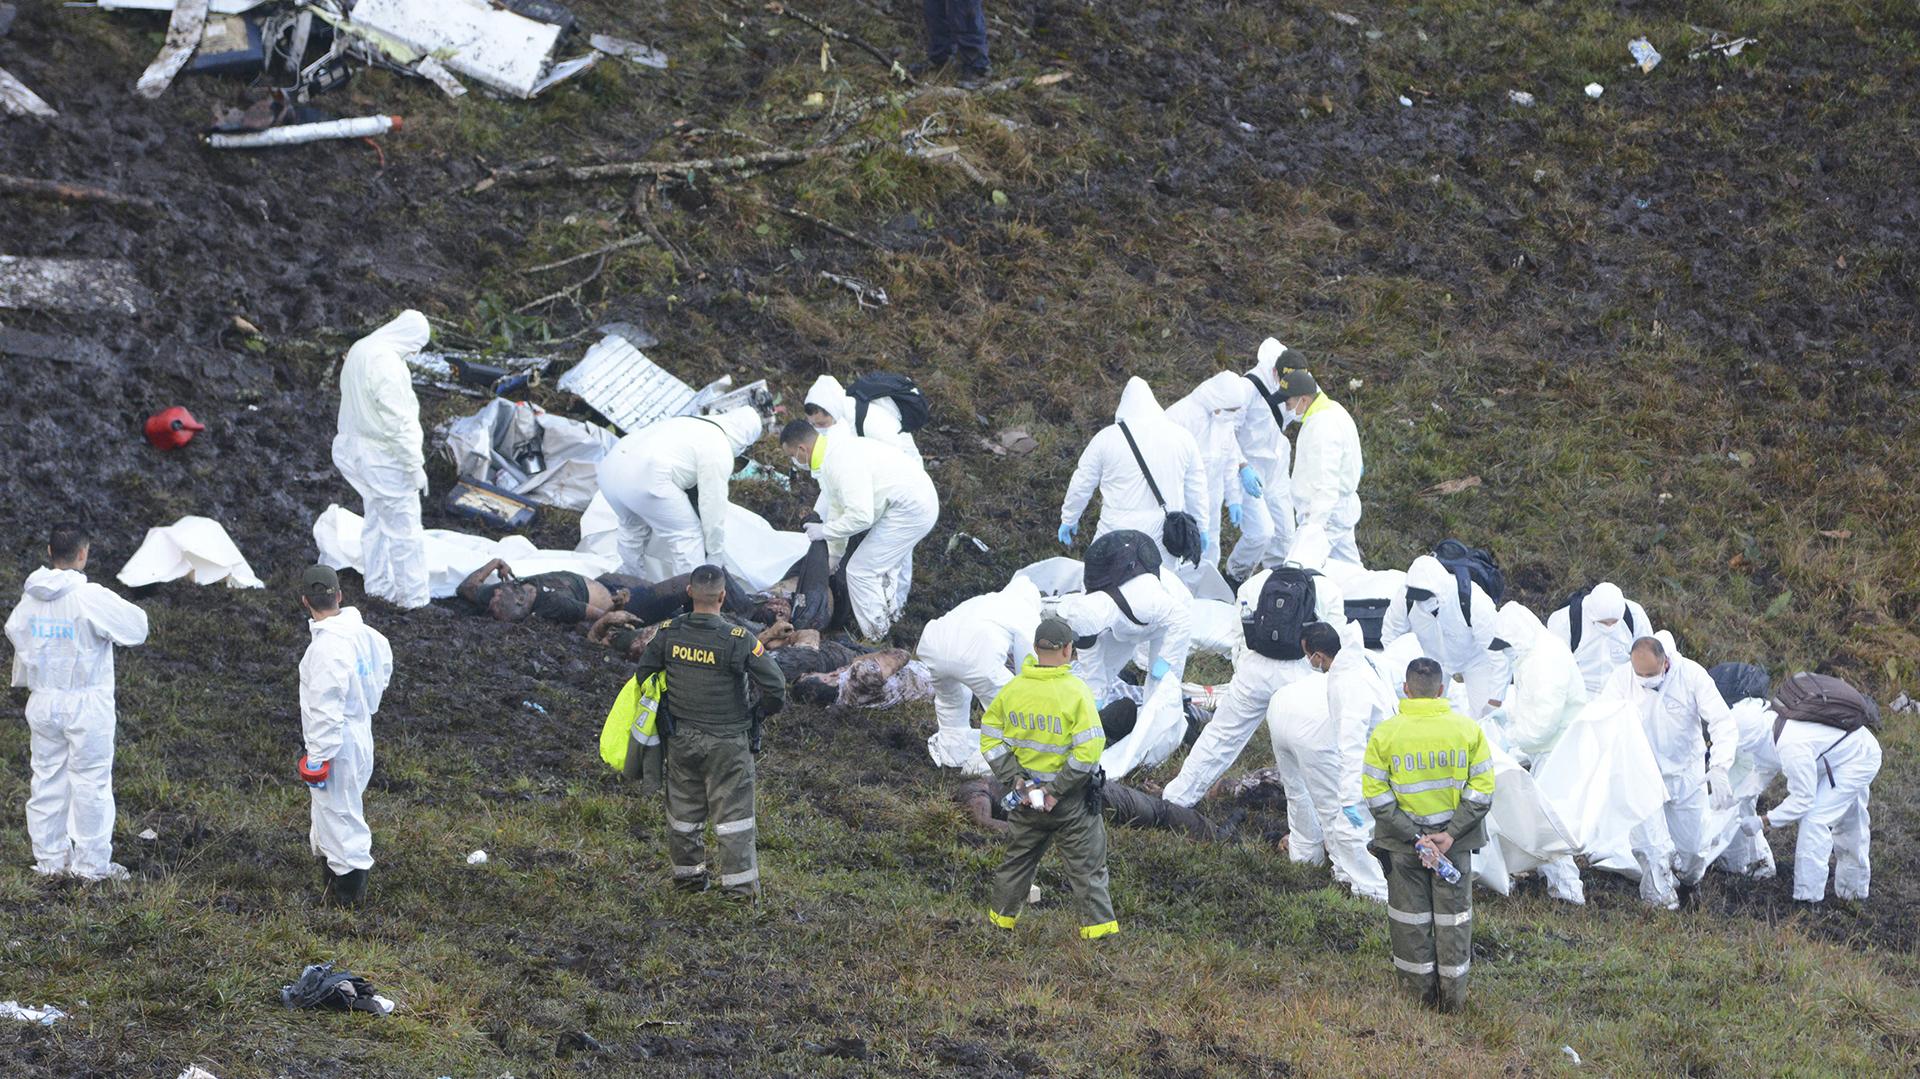 El avión de LAMIA impactó sobre el área montañosa de La Unión, en Medellín (AP / Luis Benavides)